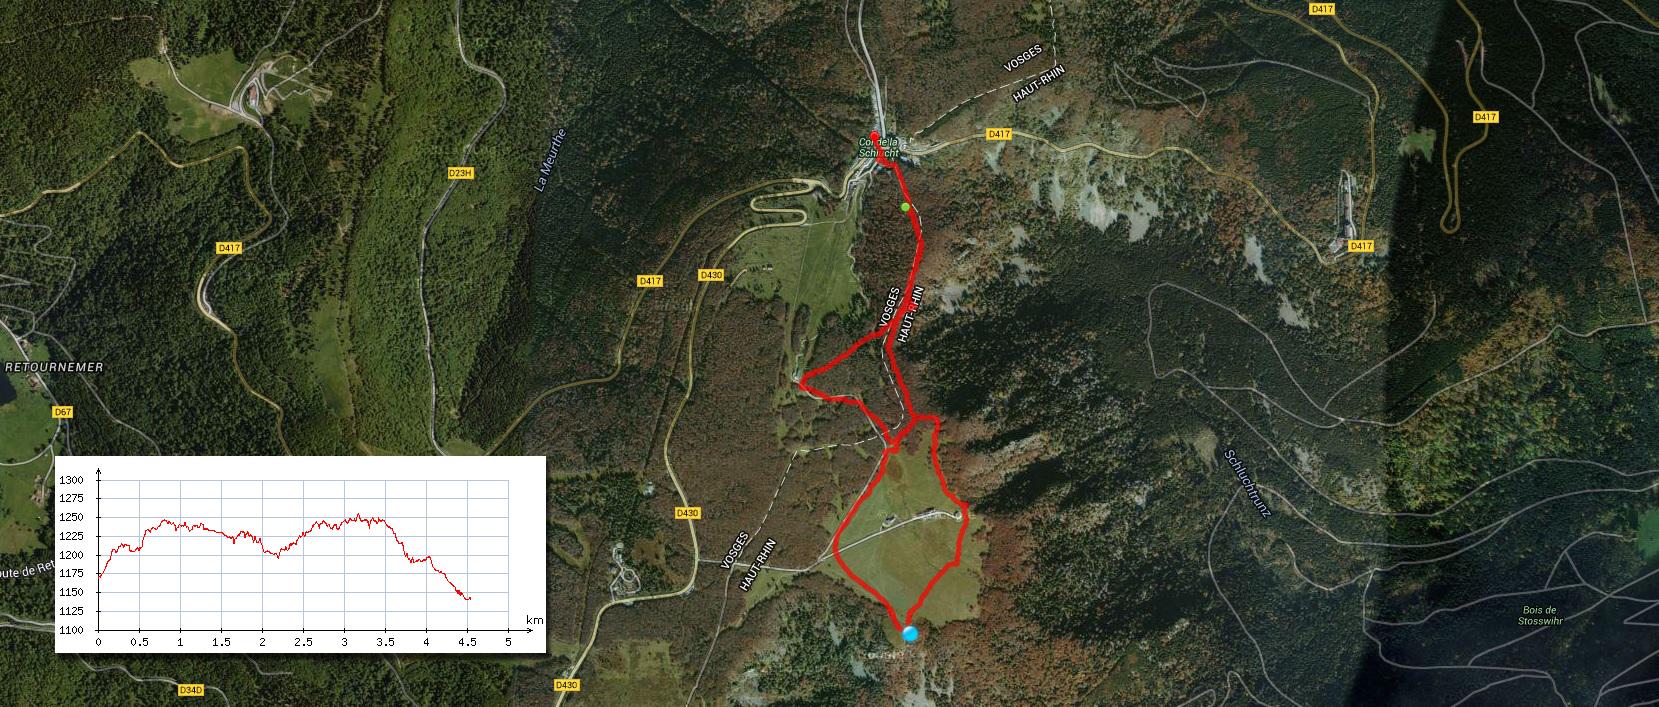 Parcours 2015-03-06 Col de la Schlucht